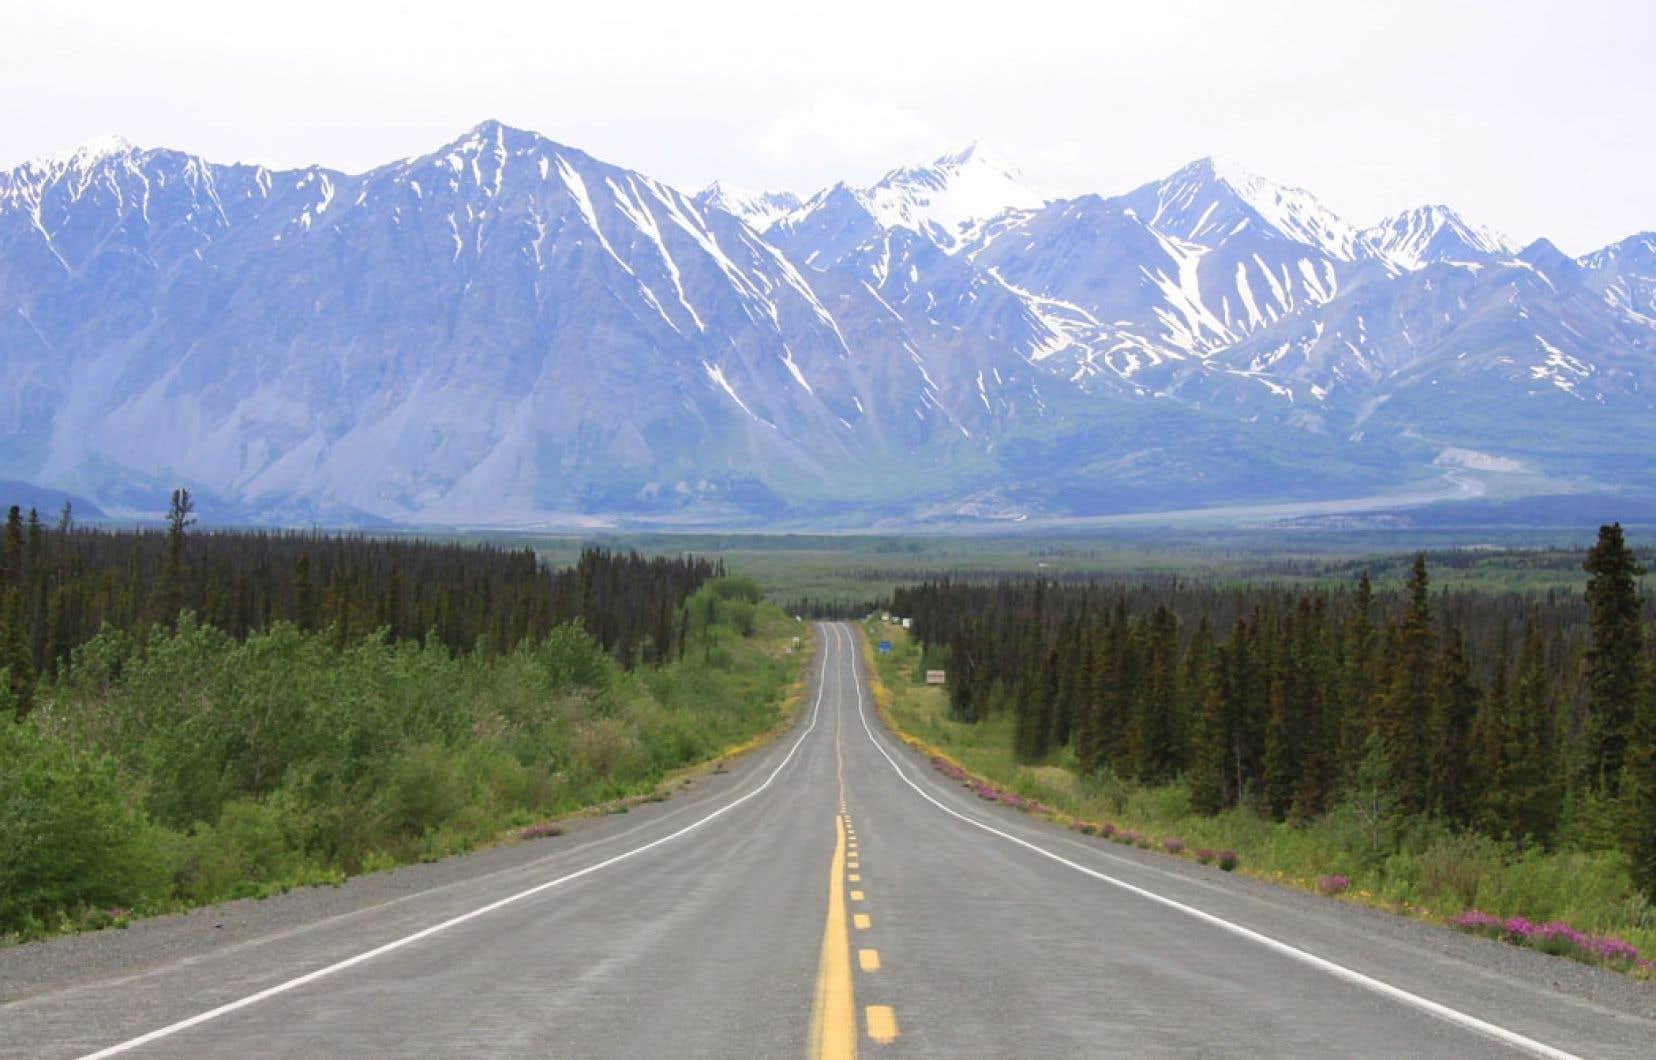 Les pics enneigés du parc Kluane, au Yukon.